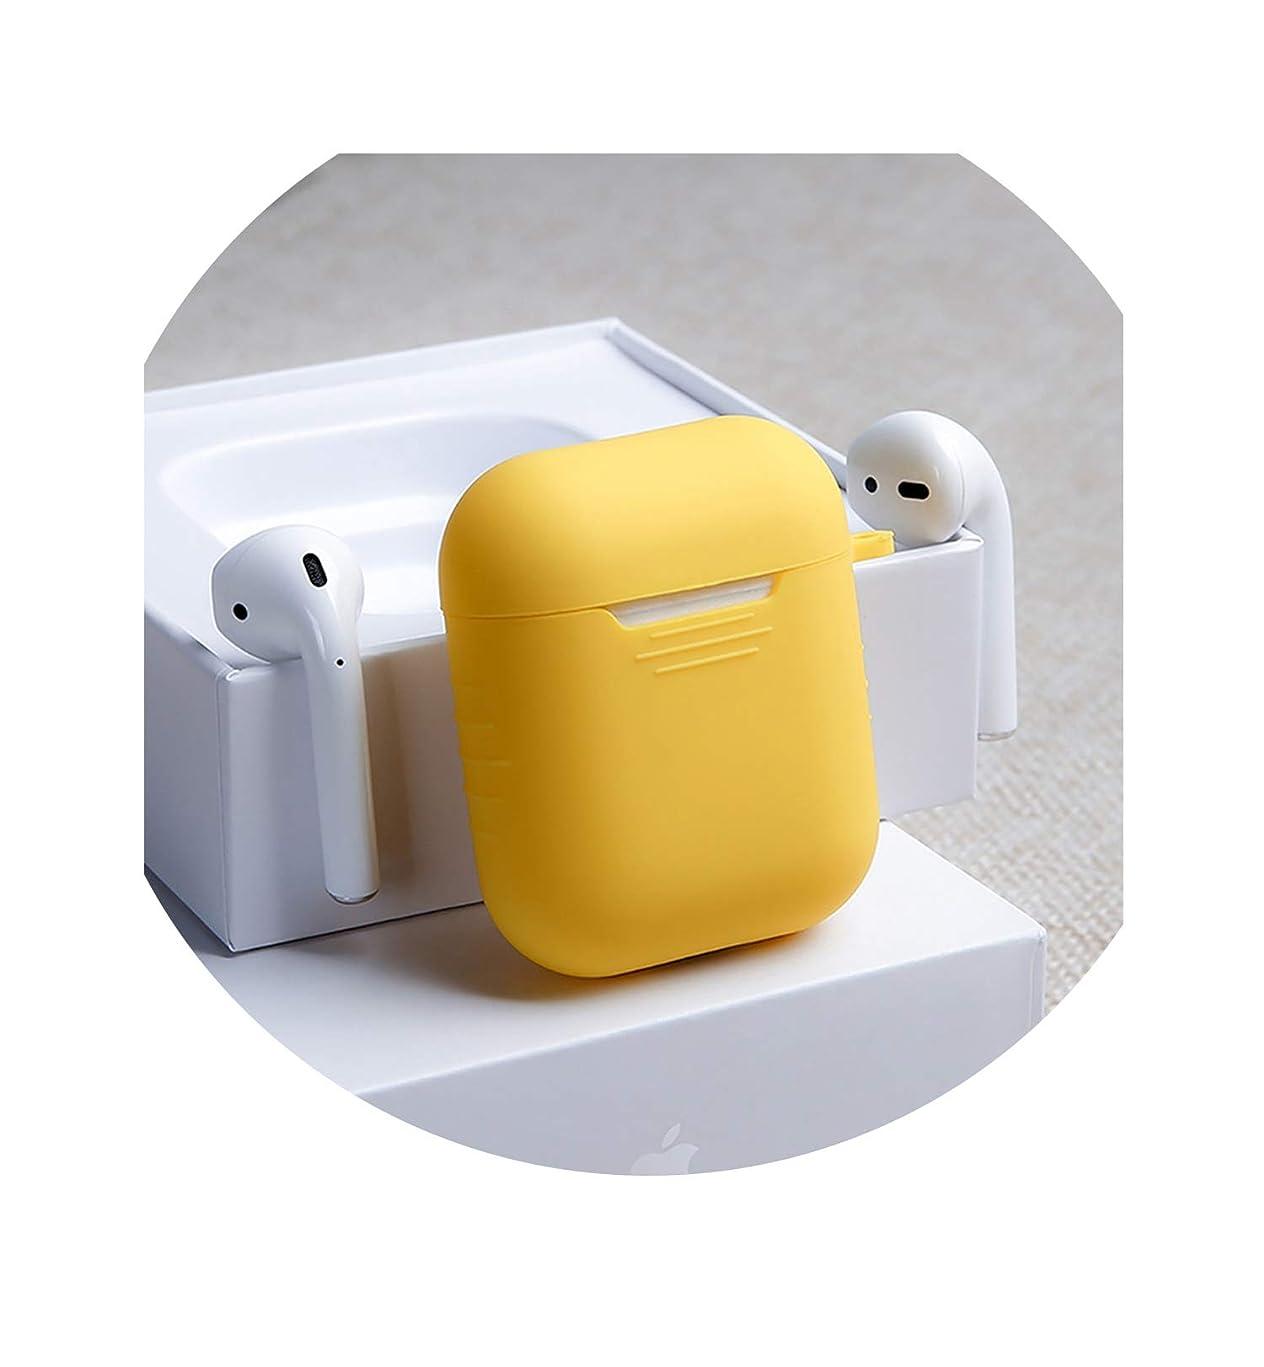 礼儀卑しい本土airpods ケース airpods 1 2 ケース airpods用 イヤホンケース AirPods保護カバースキンアクセサリー用1PCS BluetoothワイヤレスイヤホンケースAirPods充電ボックス用シリコンケース、黄色